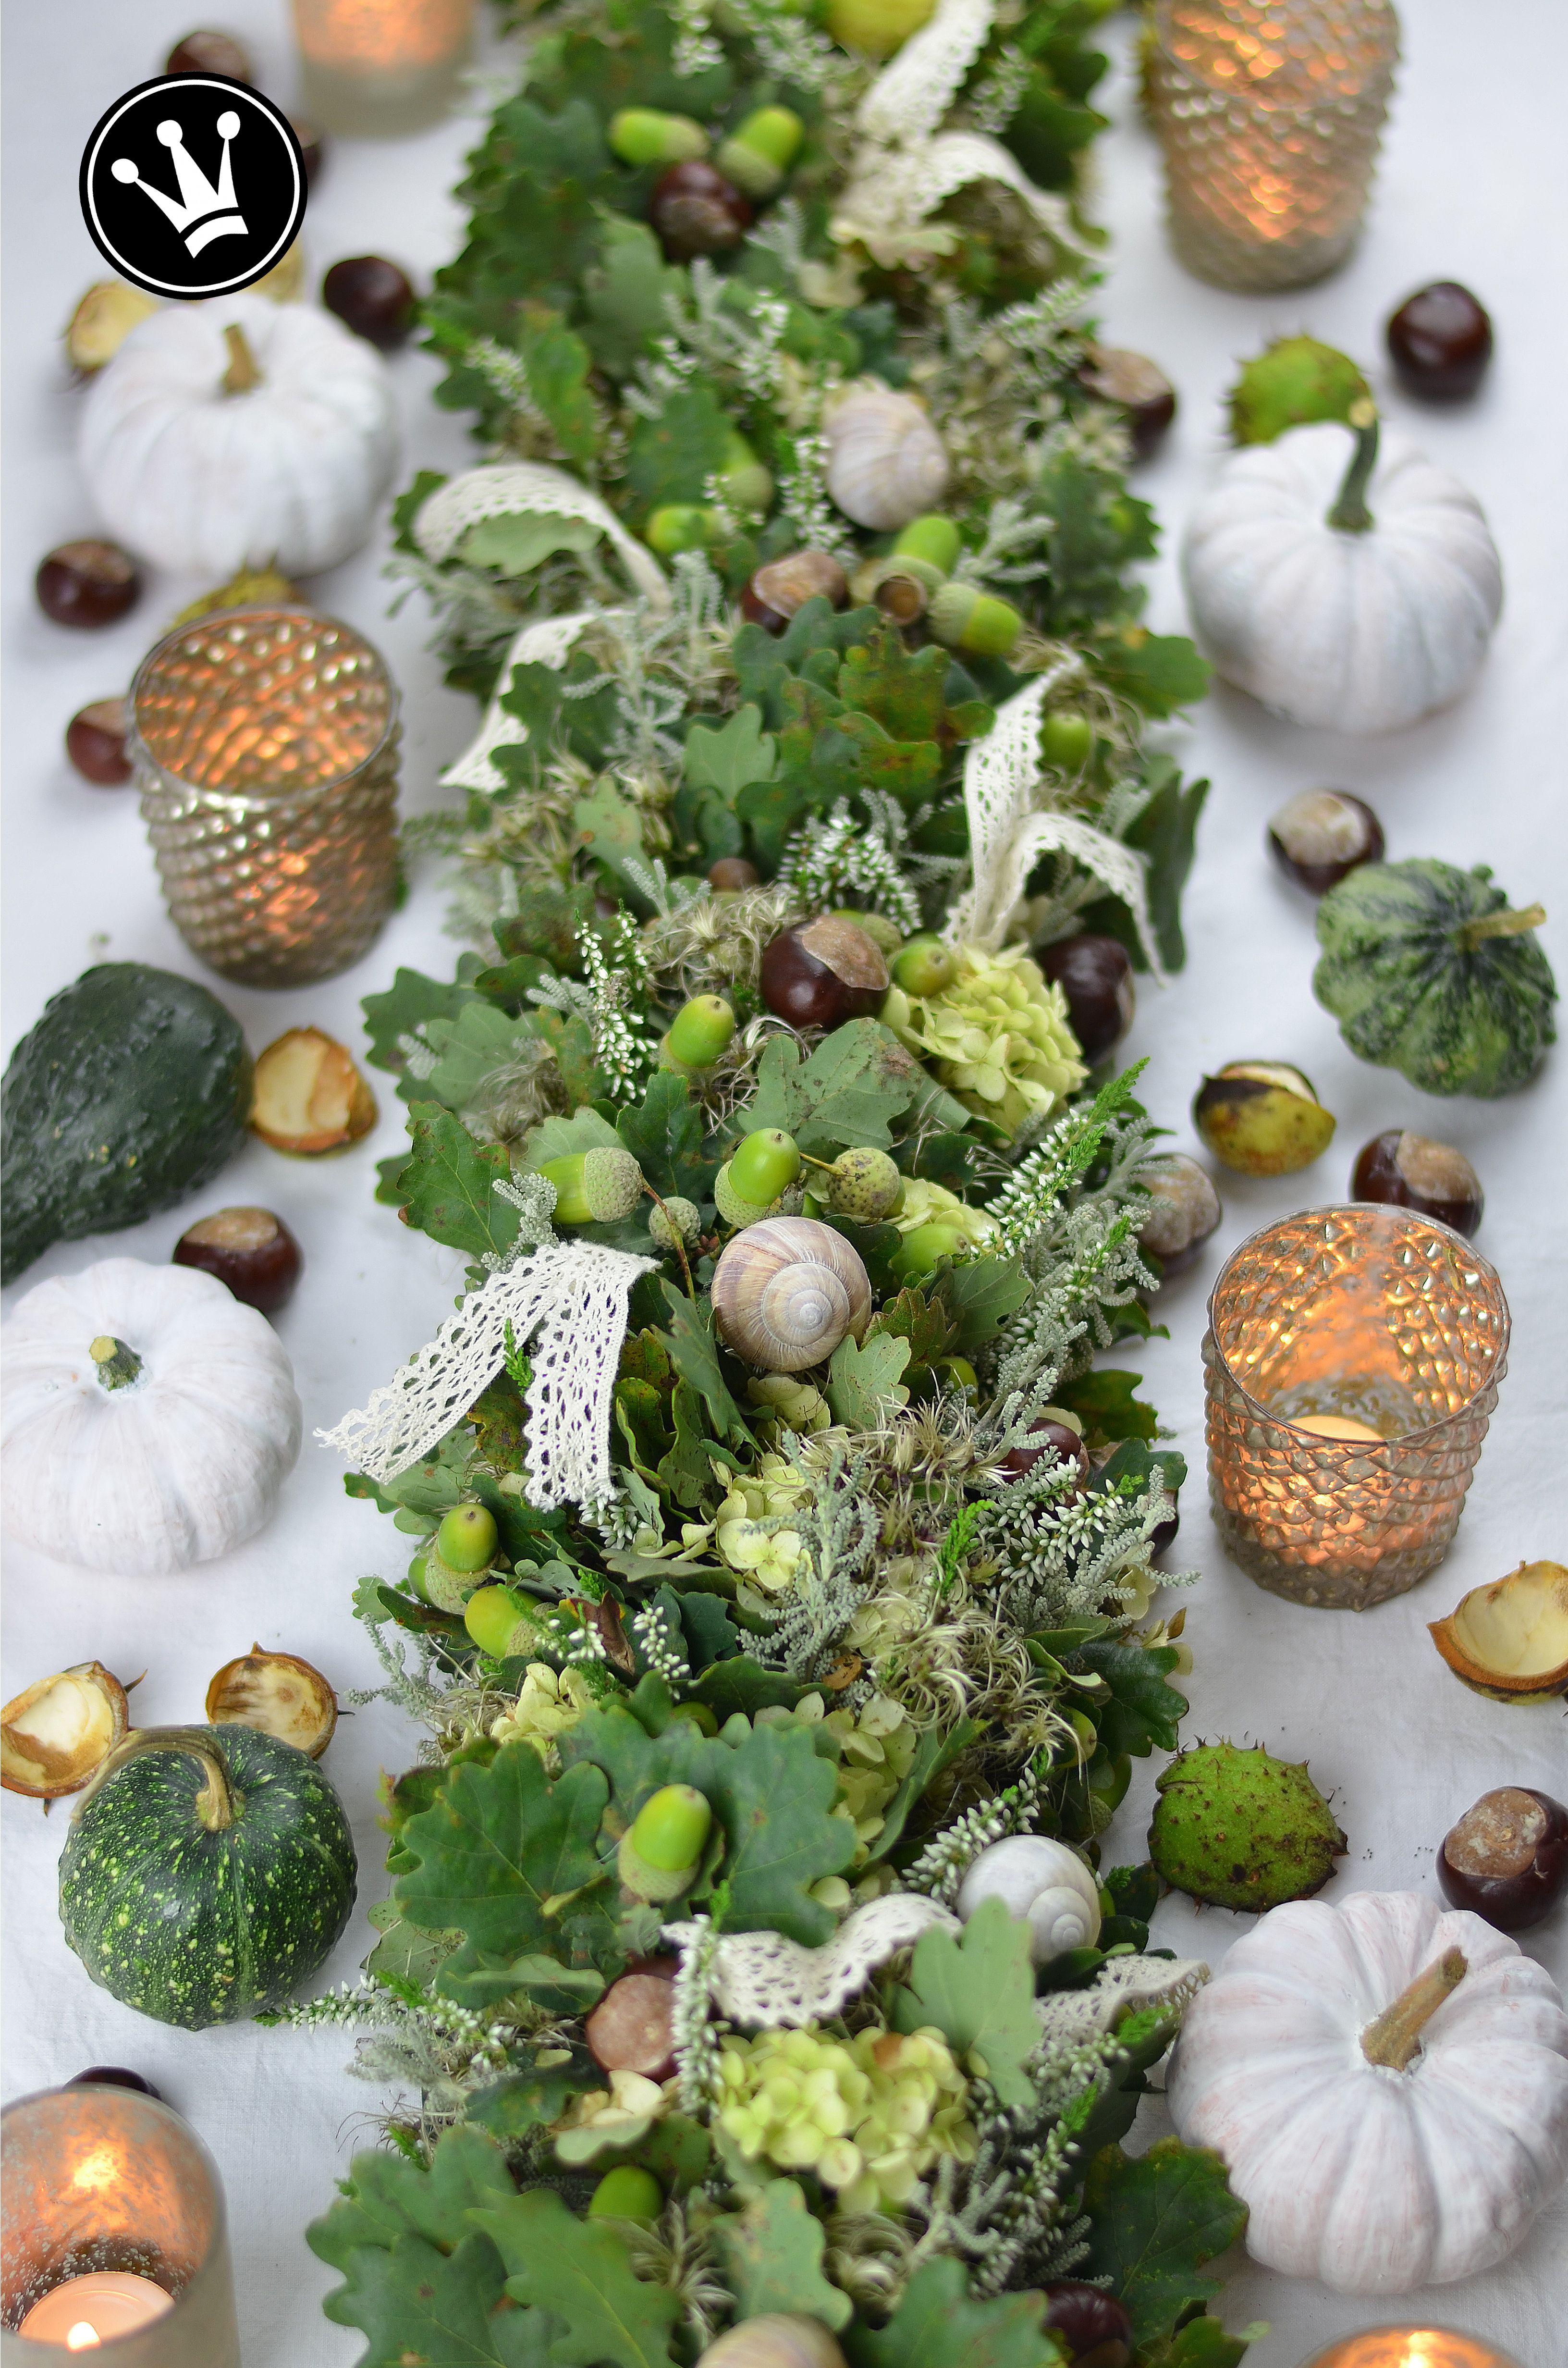 Diy Herbstliche Tischgirlande Aus Wunderschonem Naturmaterial Tolle Tischdeko Aus Eichenlaub Getrockneten Hortensienbluten C Deko Basteln Tischgirlande Deko